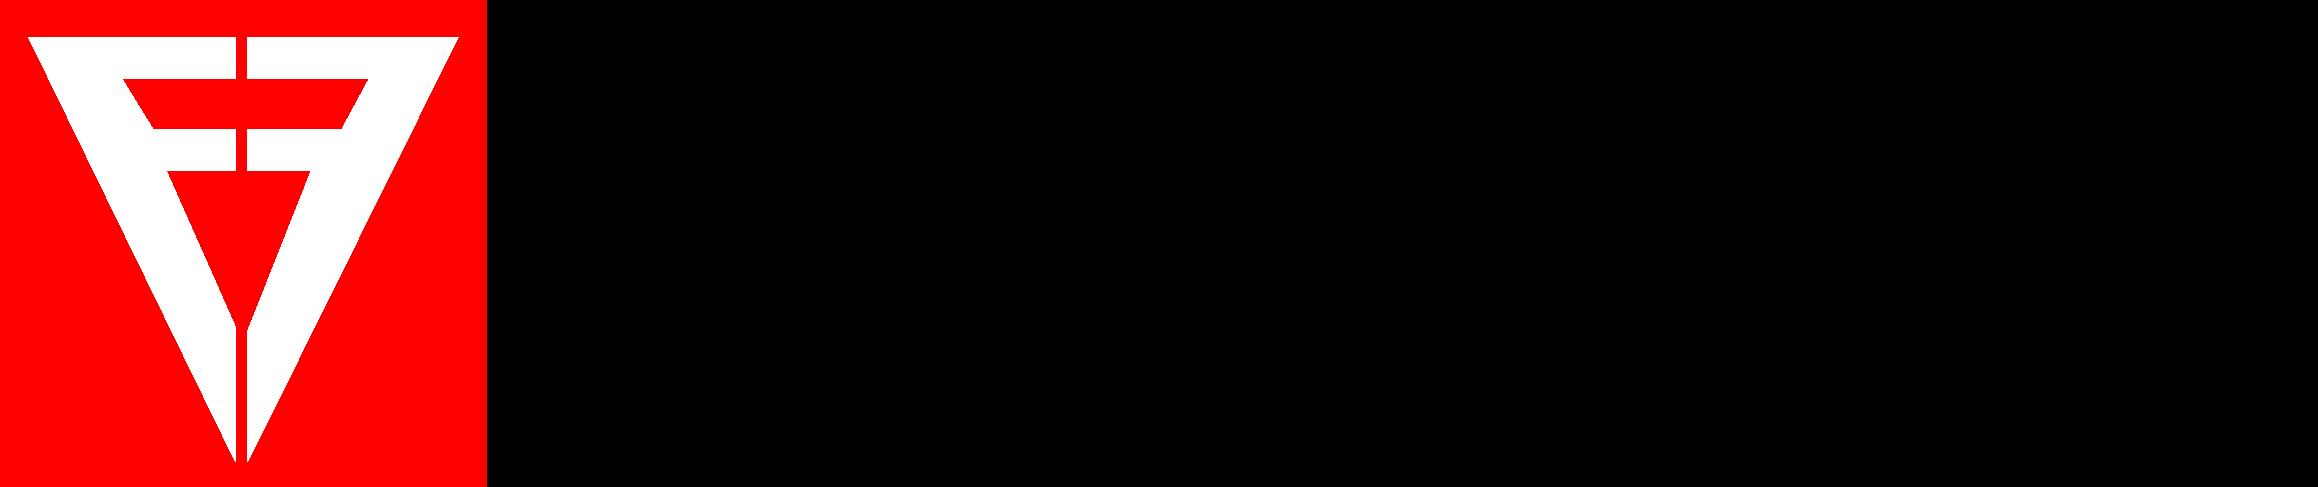 VERMESSUNGSBÜRO FLACH GmbH